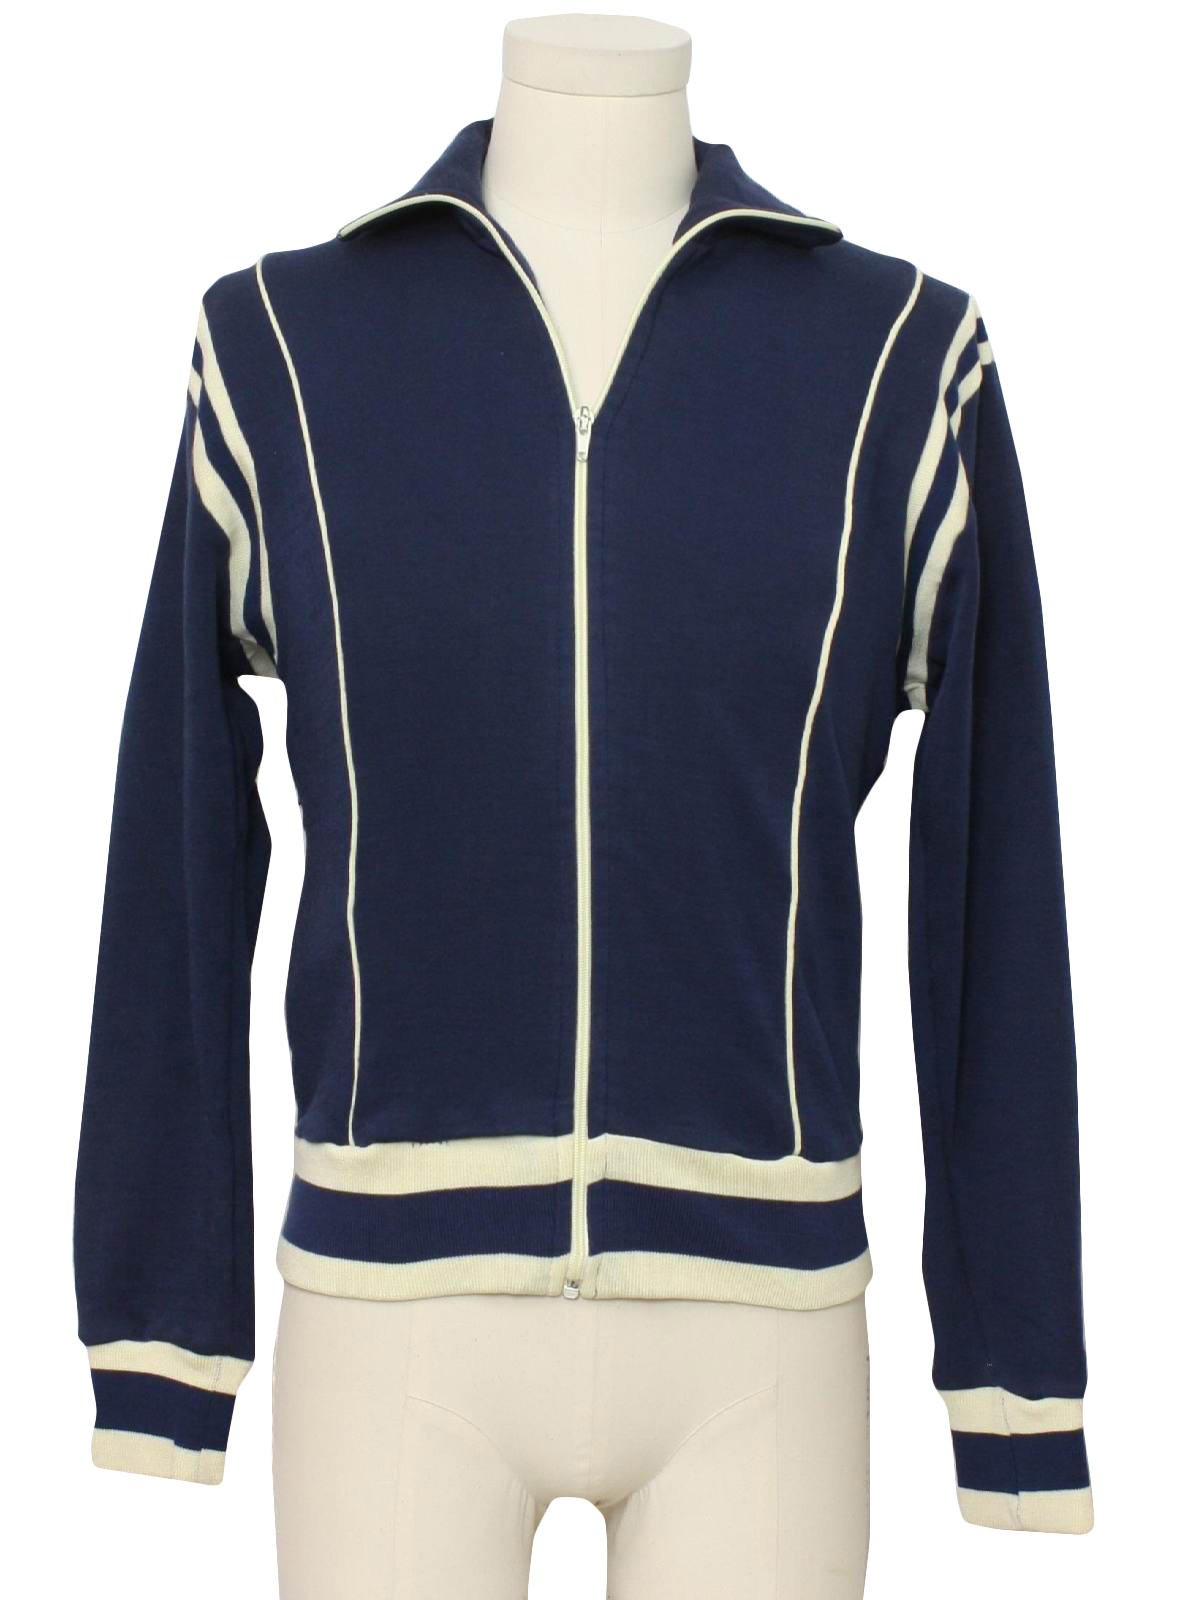 Jc Pennys Mens Jacket